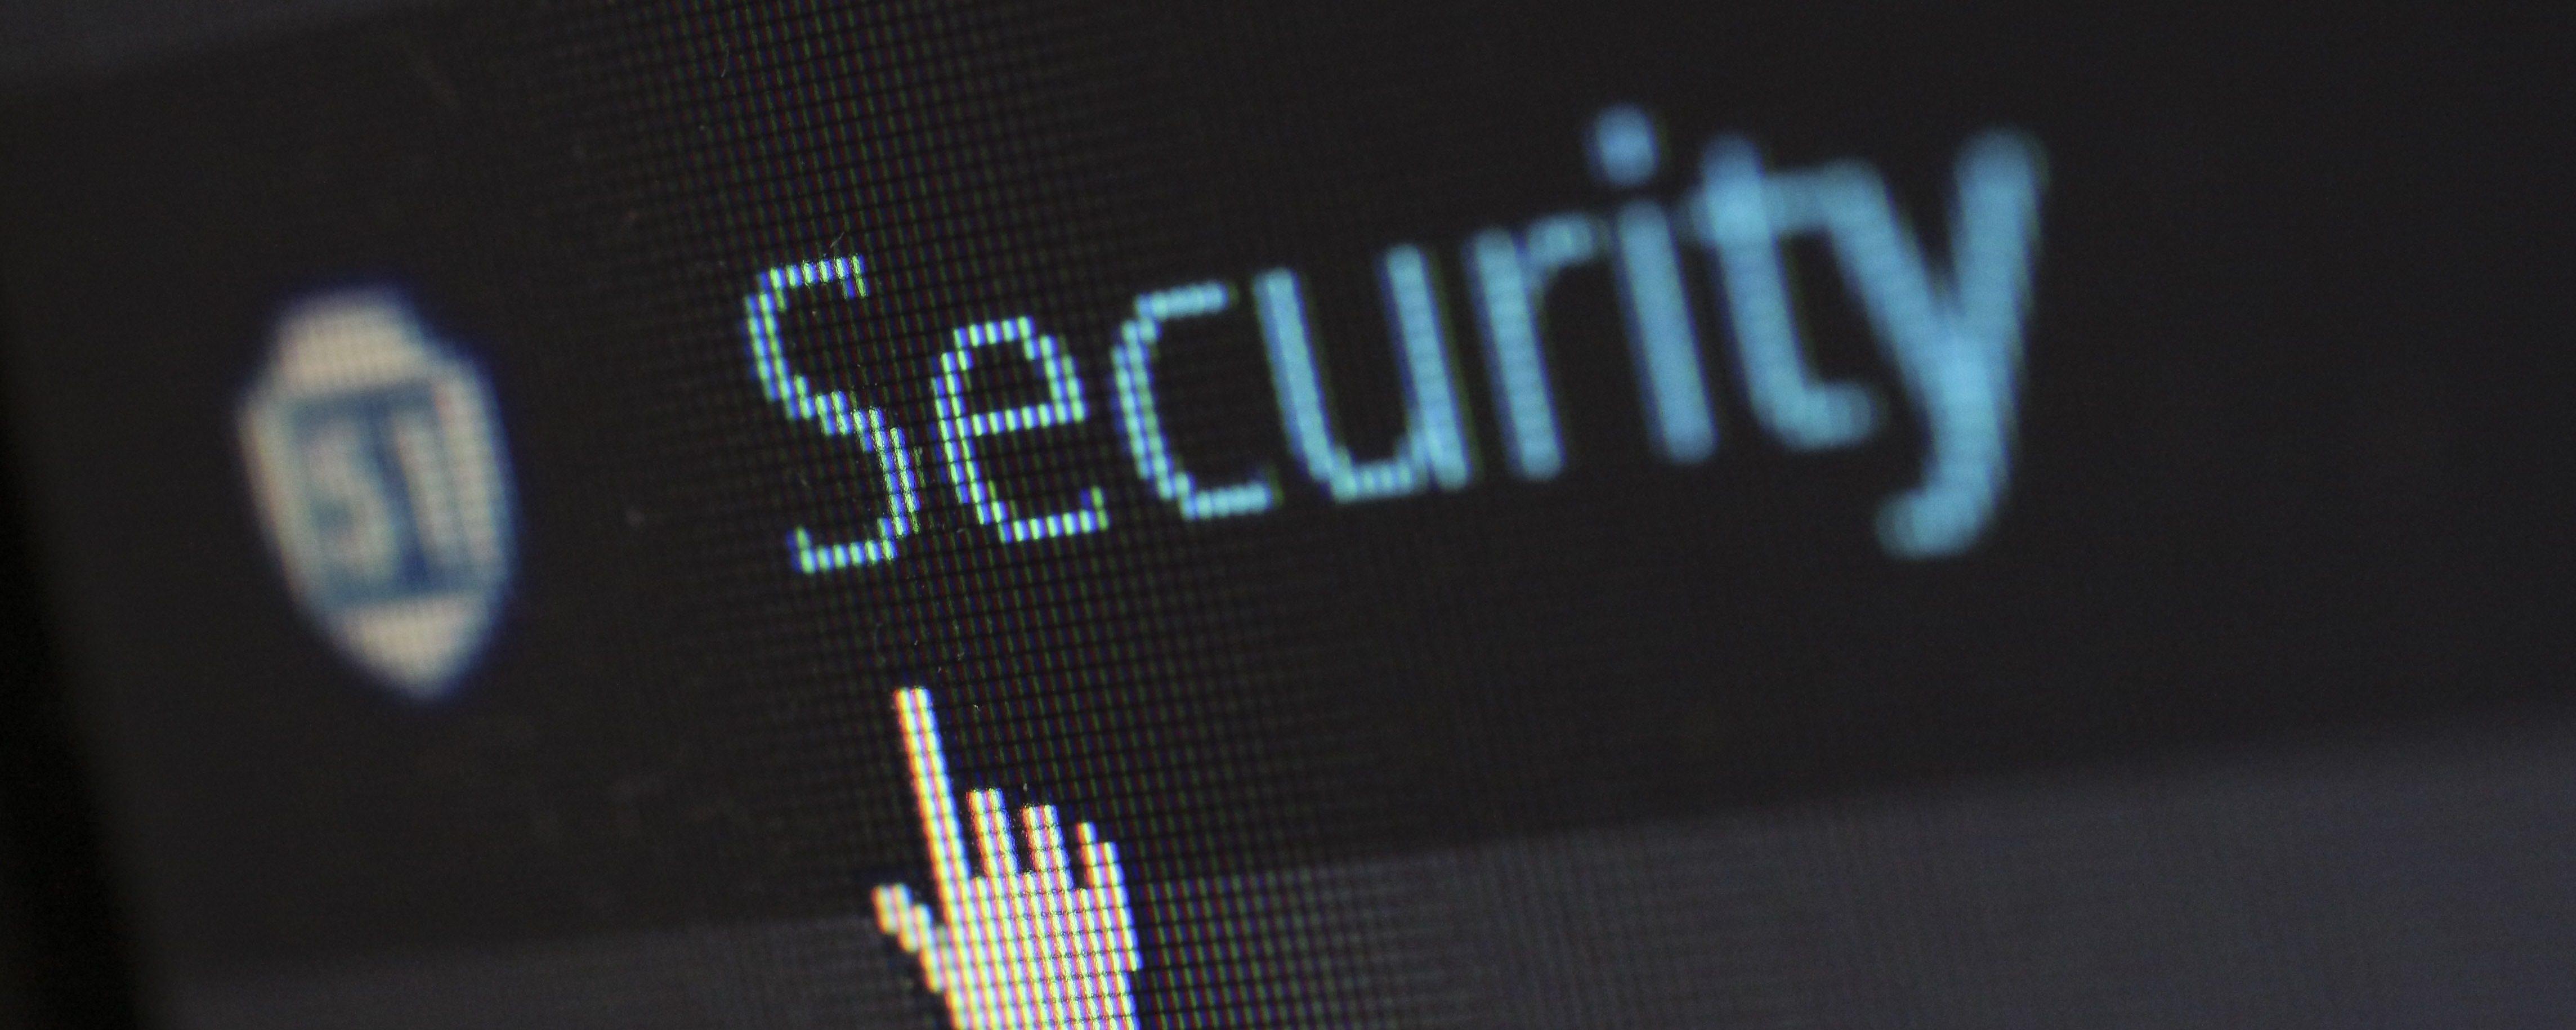 Haven, l'app di Edoward Snowden che trasforma lo smartphone in un guardiano della privacy